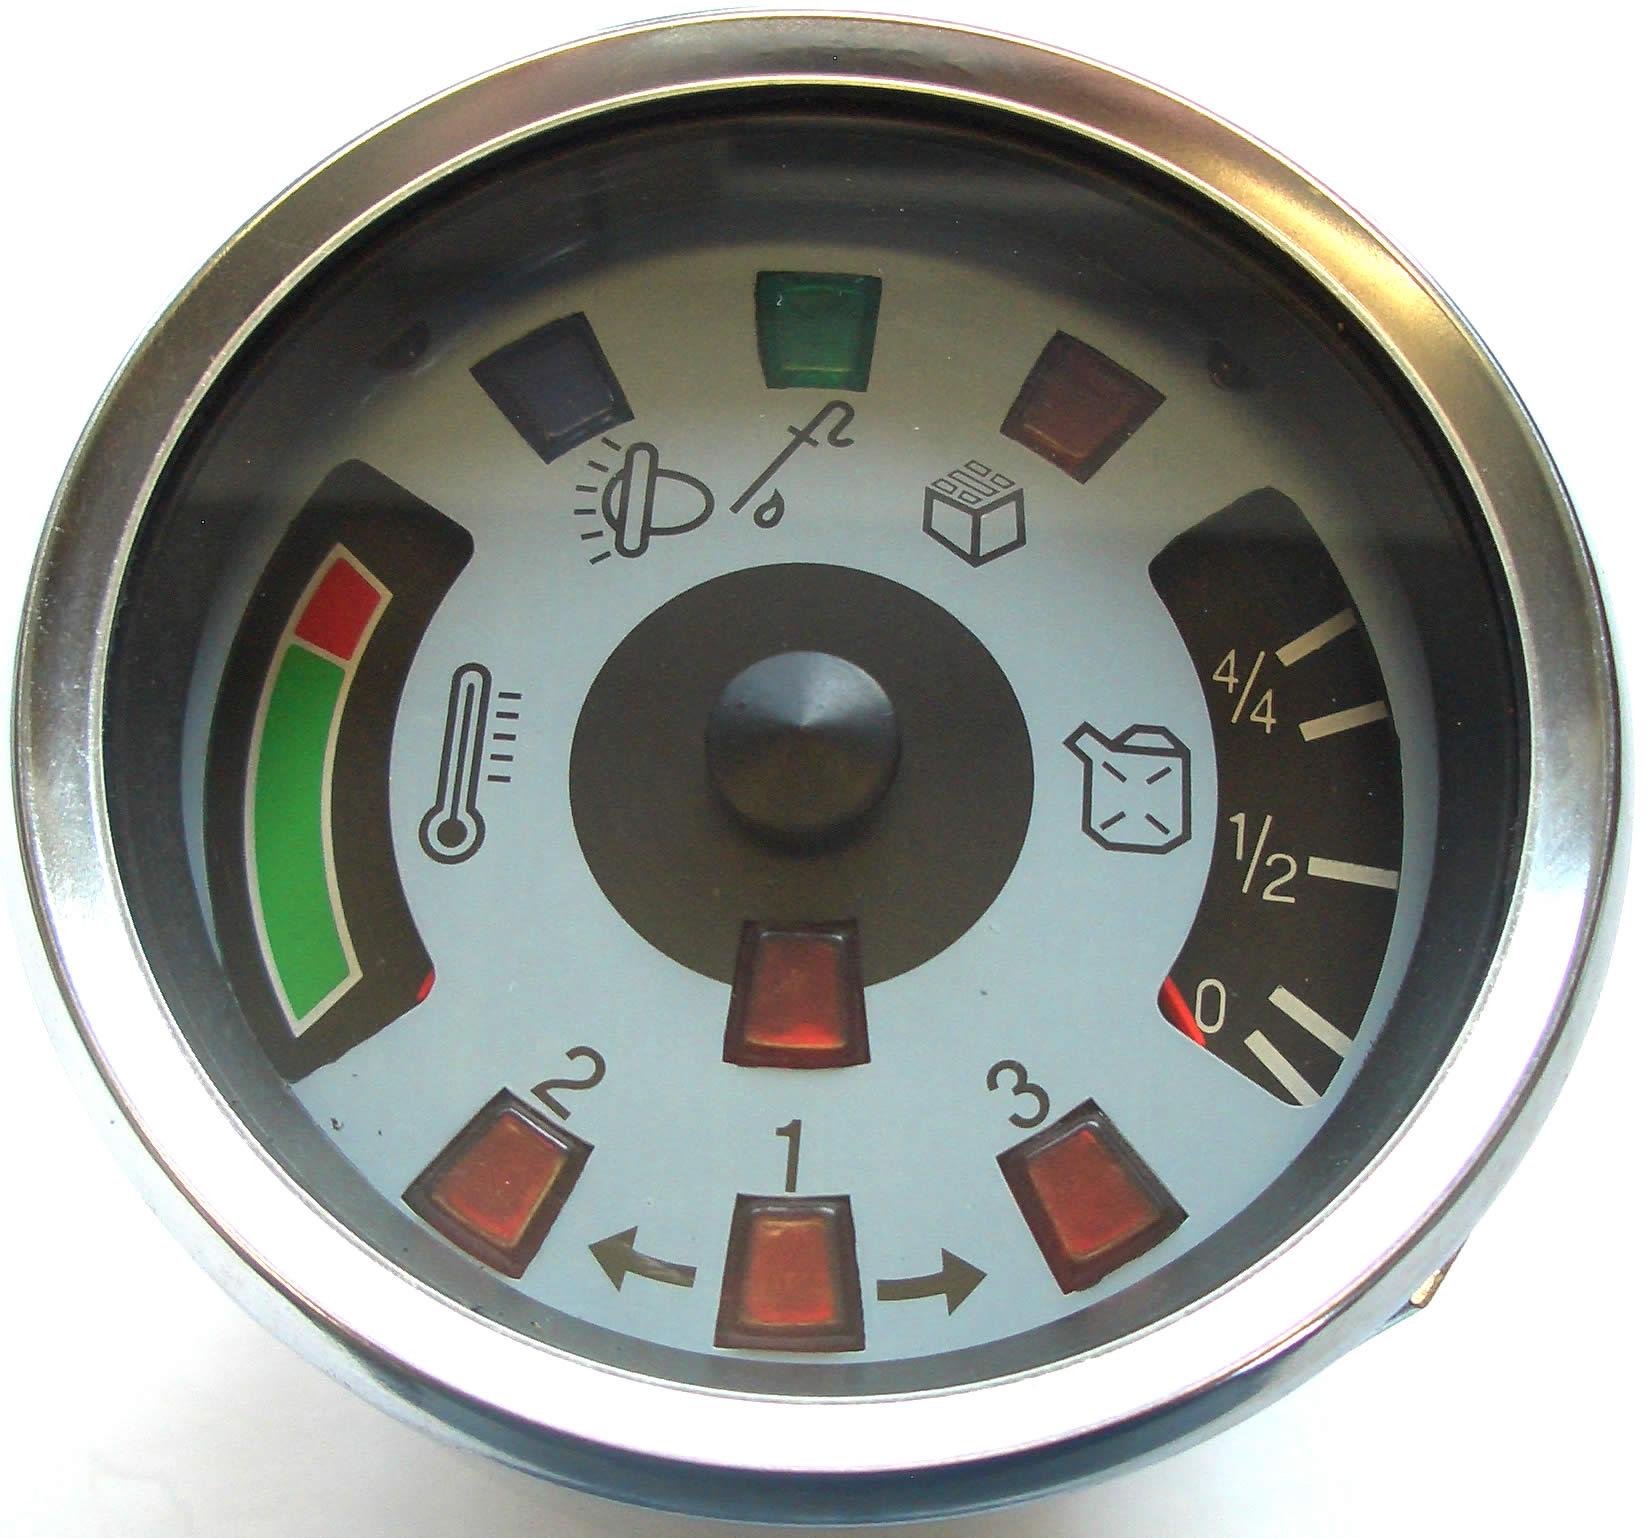 Fernthermometer für wassergekühlte Motoren//